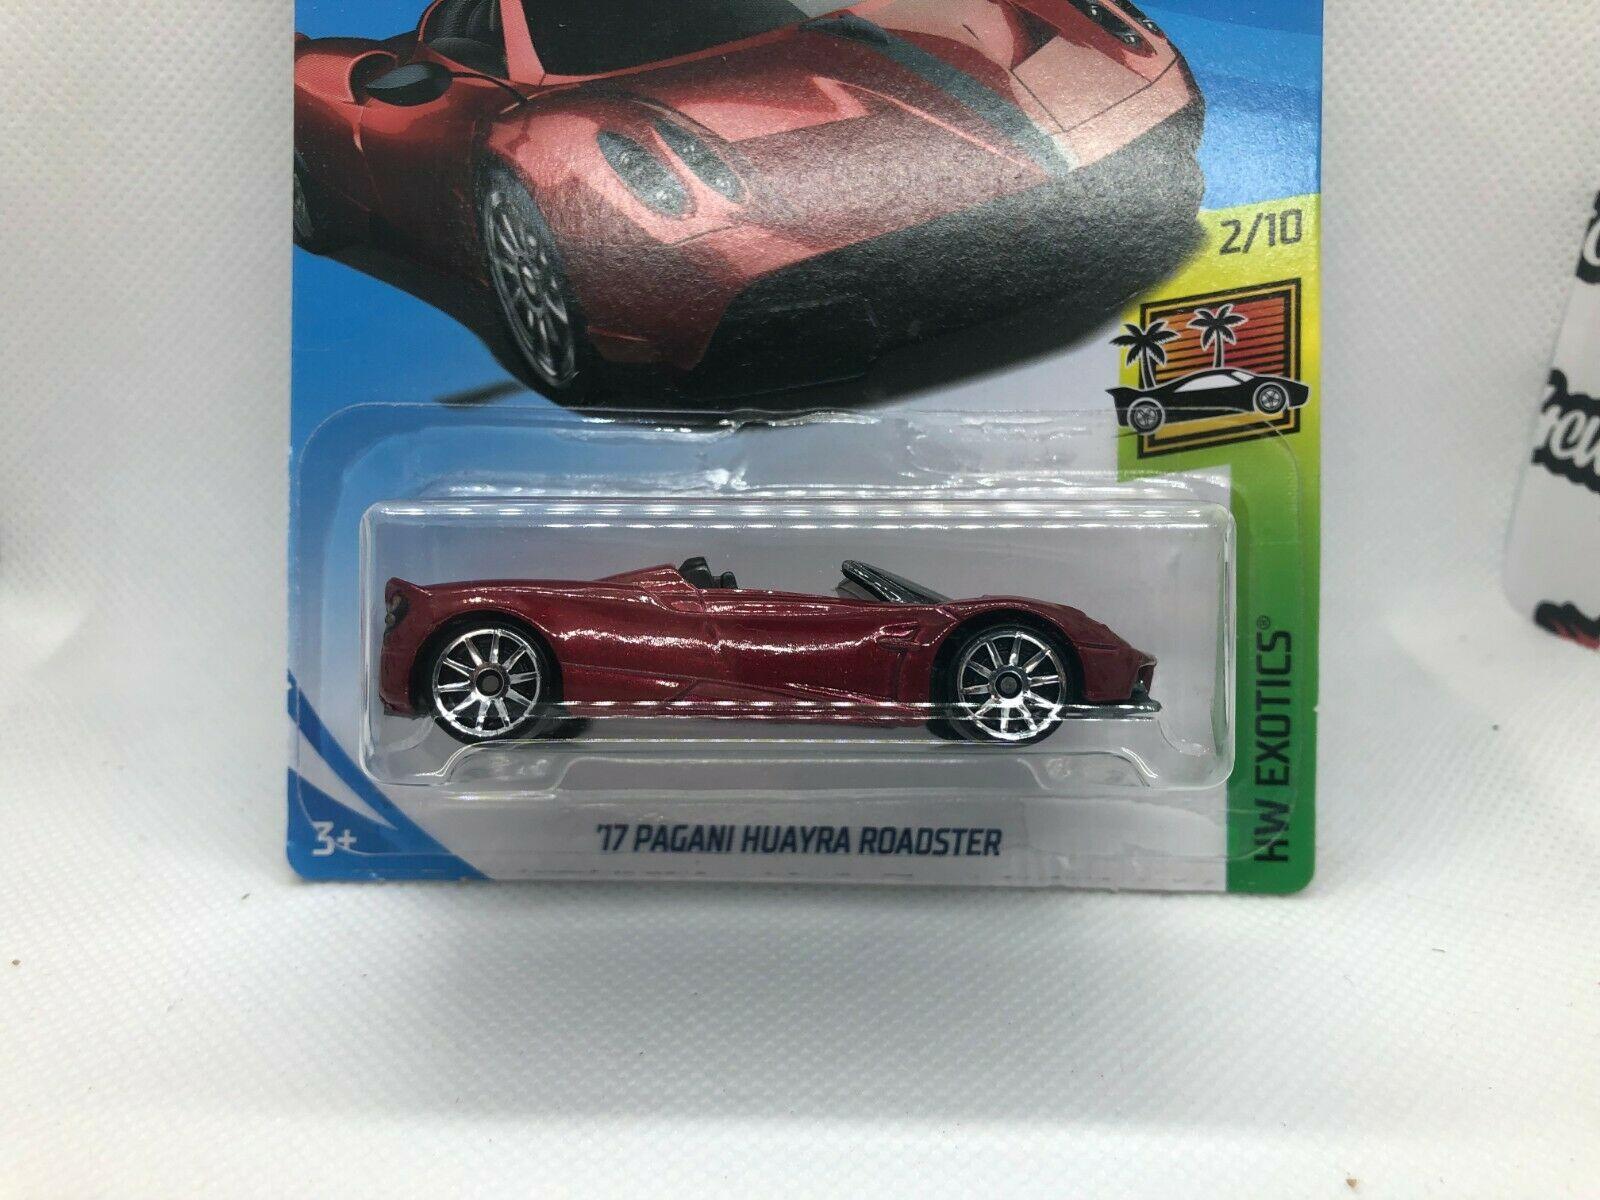 17 Pagani Huayra Roadster